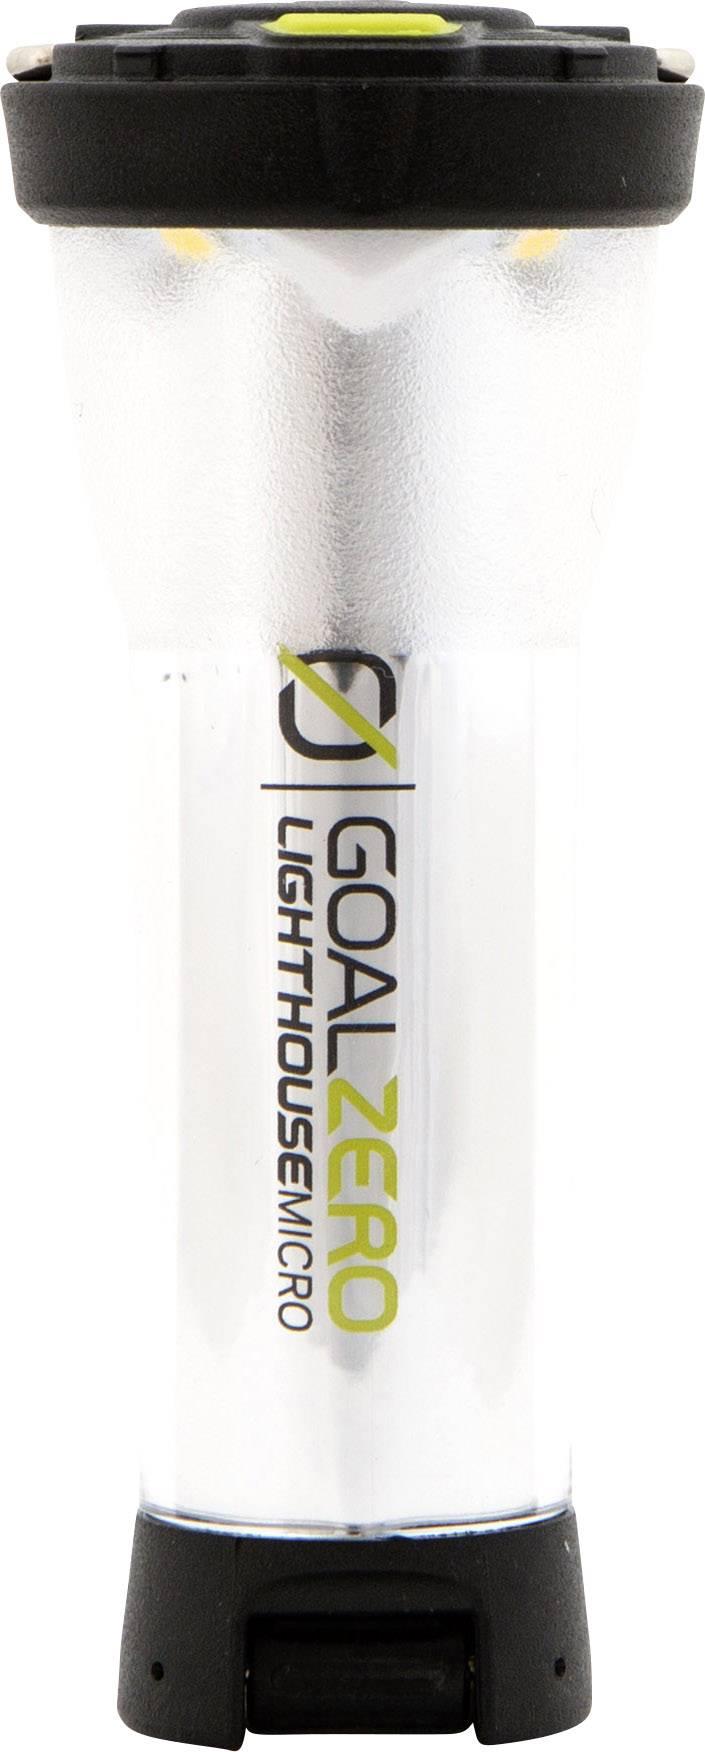 LED campingové osvetlenie Goal Zero Lighthouse Micro 32006, 68 g, čiernožltá